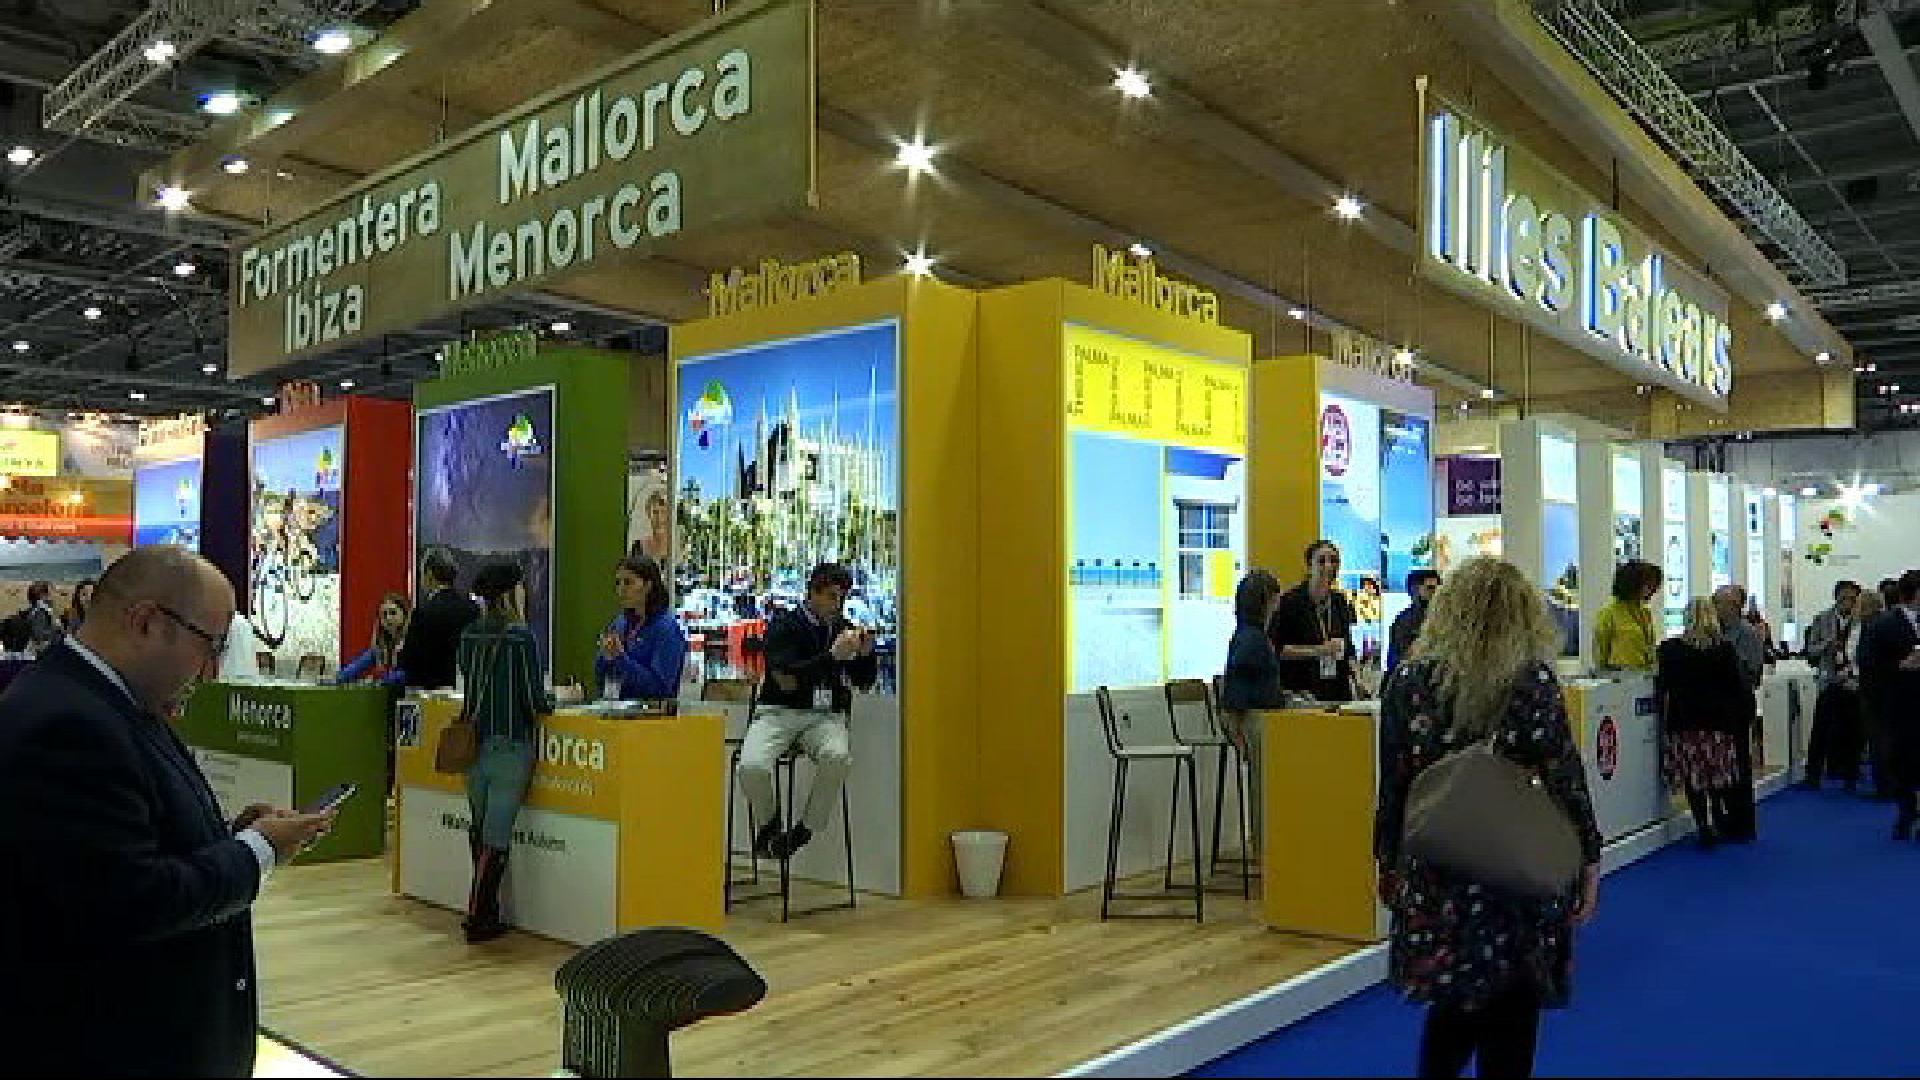 Previsions+positives+del+mercat+brit%C3%A0nic+per+a+les+Illes+Balears+a+la+WTM